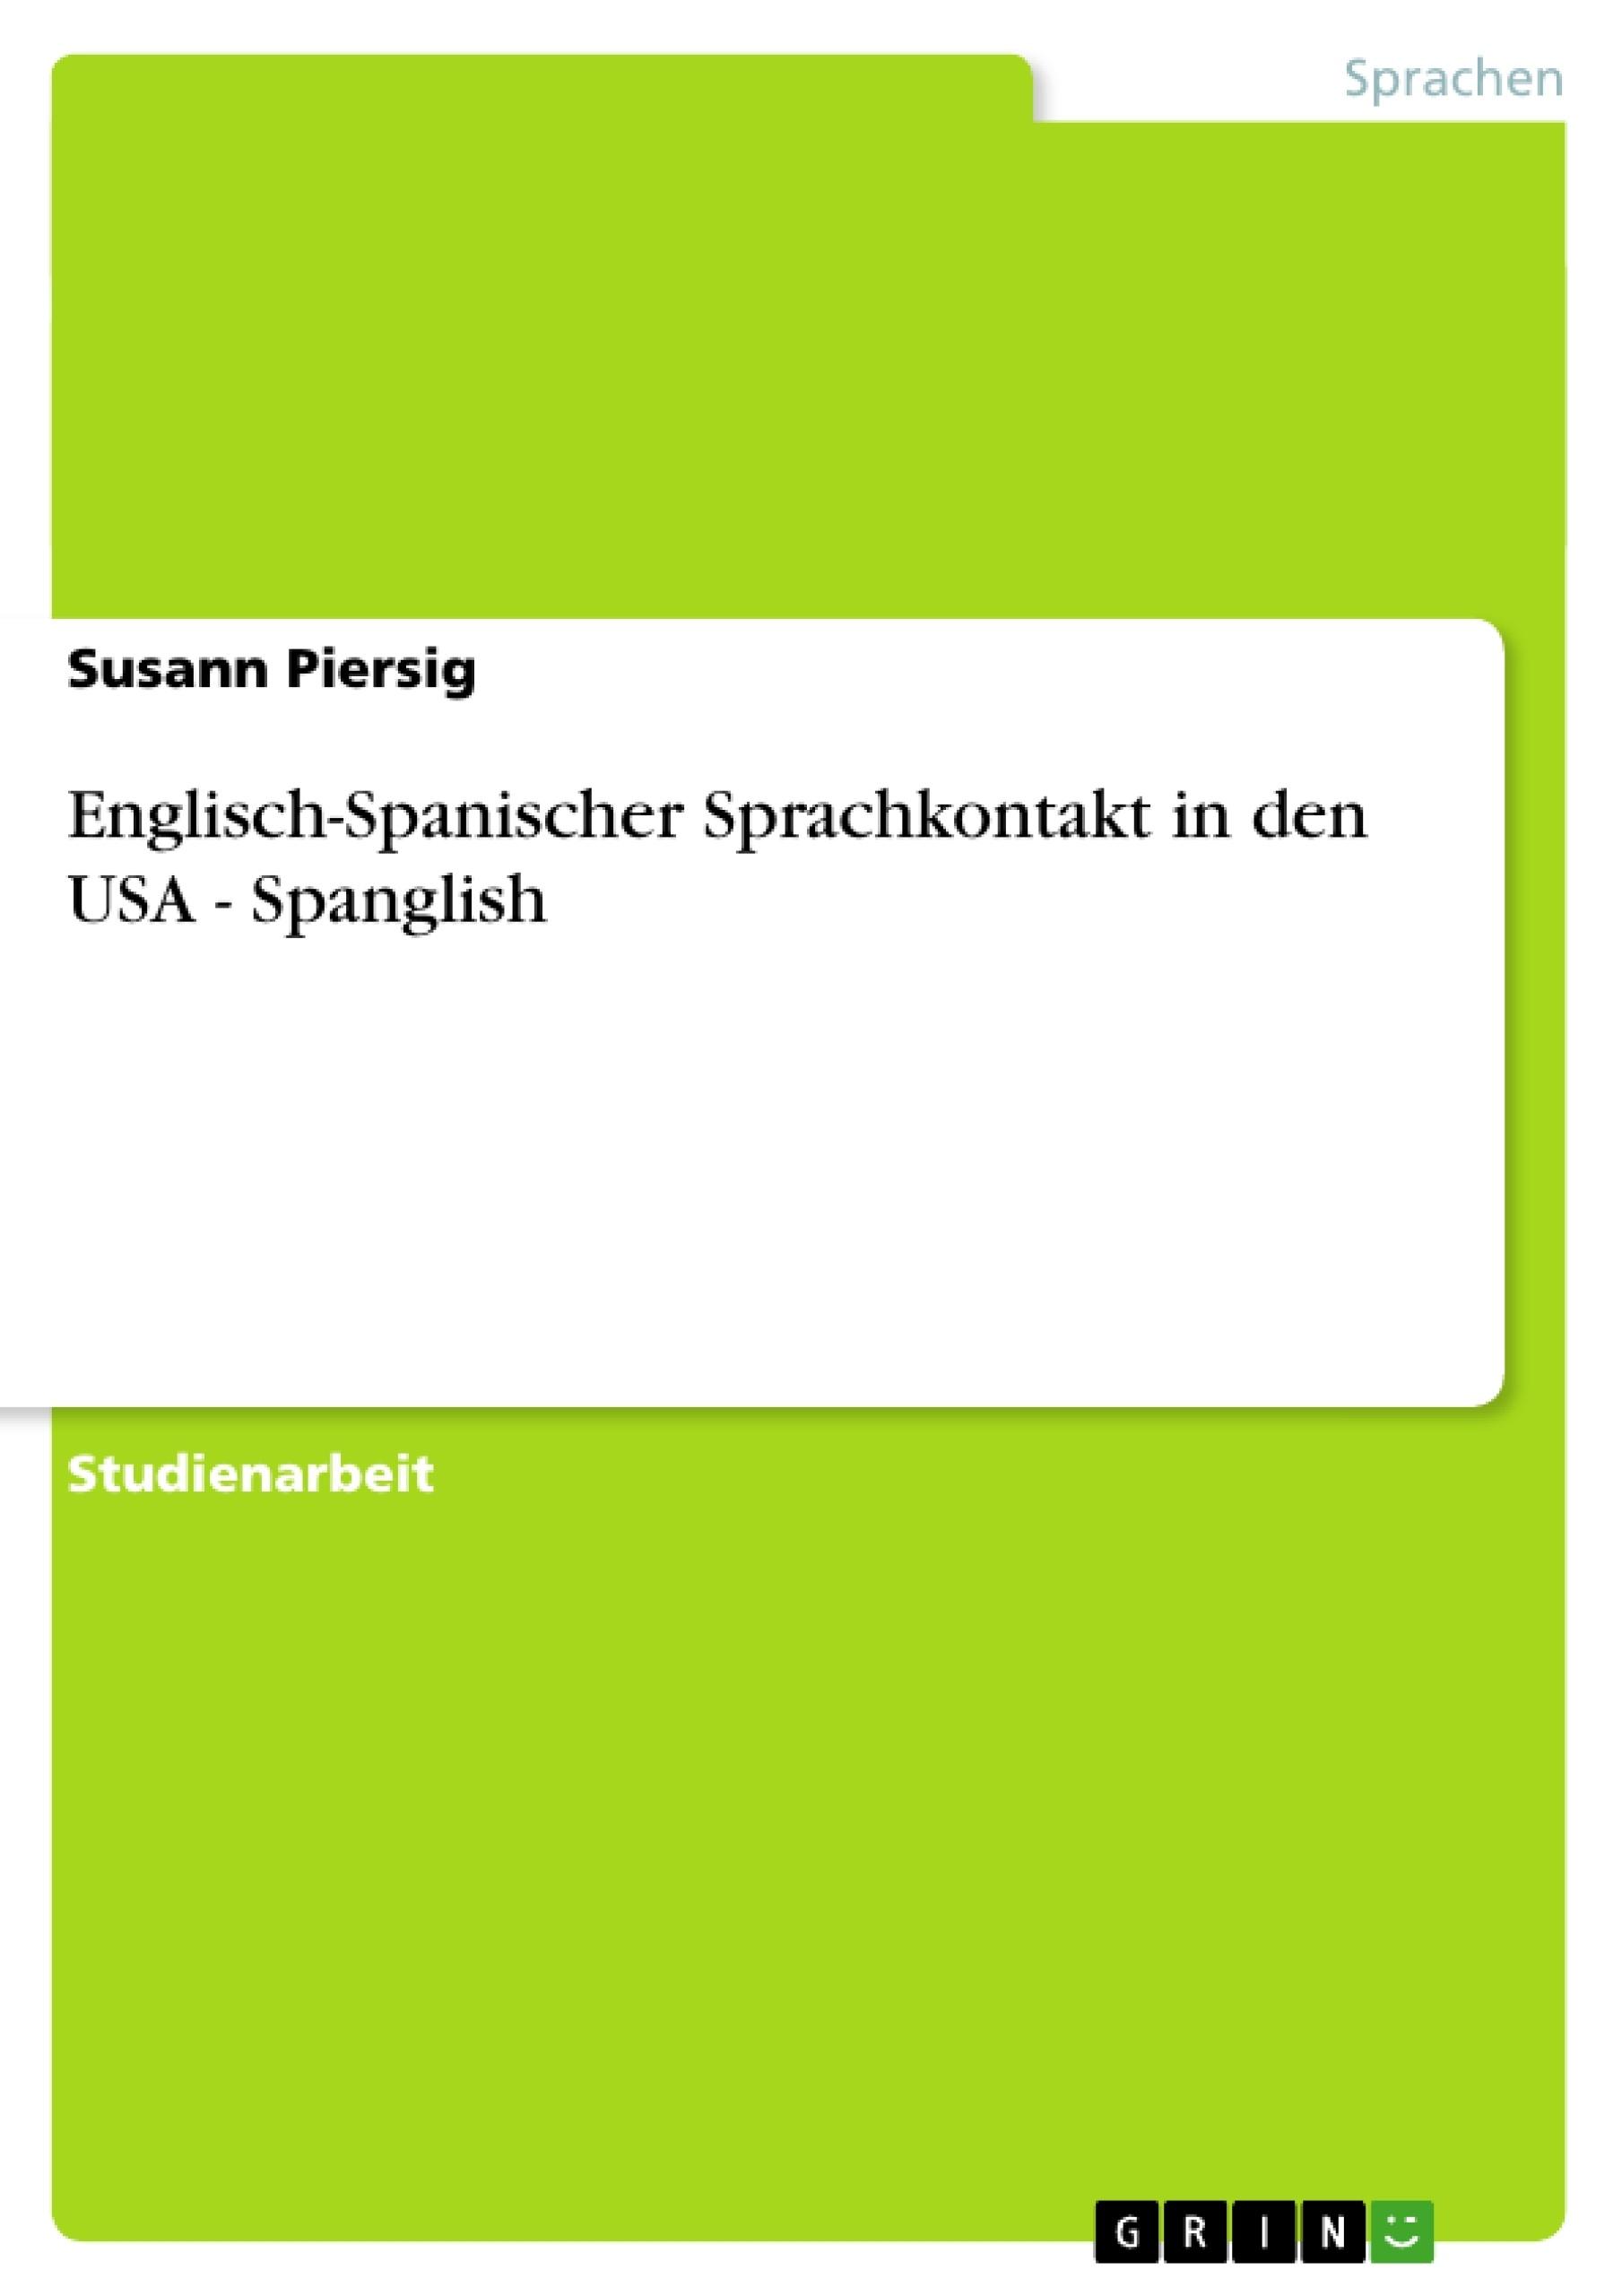 Titel: Englisch-Spanischer Sprachkontakt in den USA - Spanglish